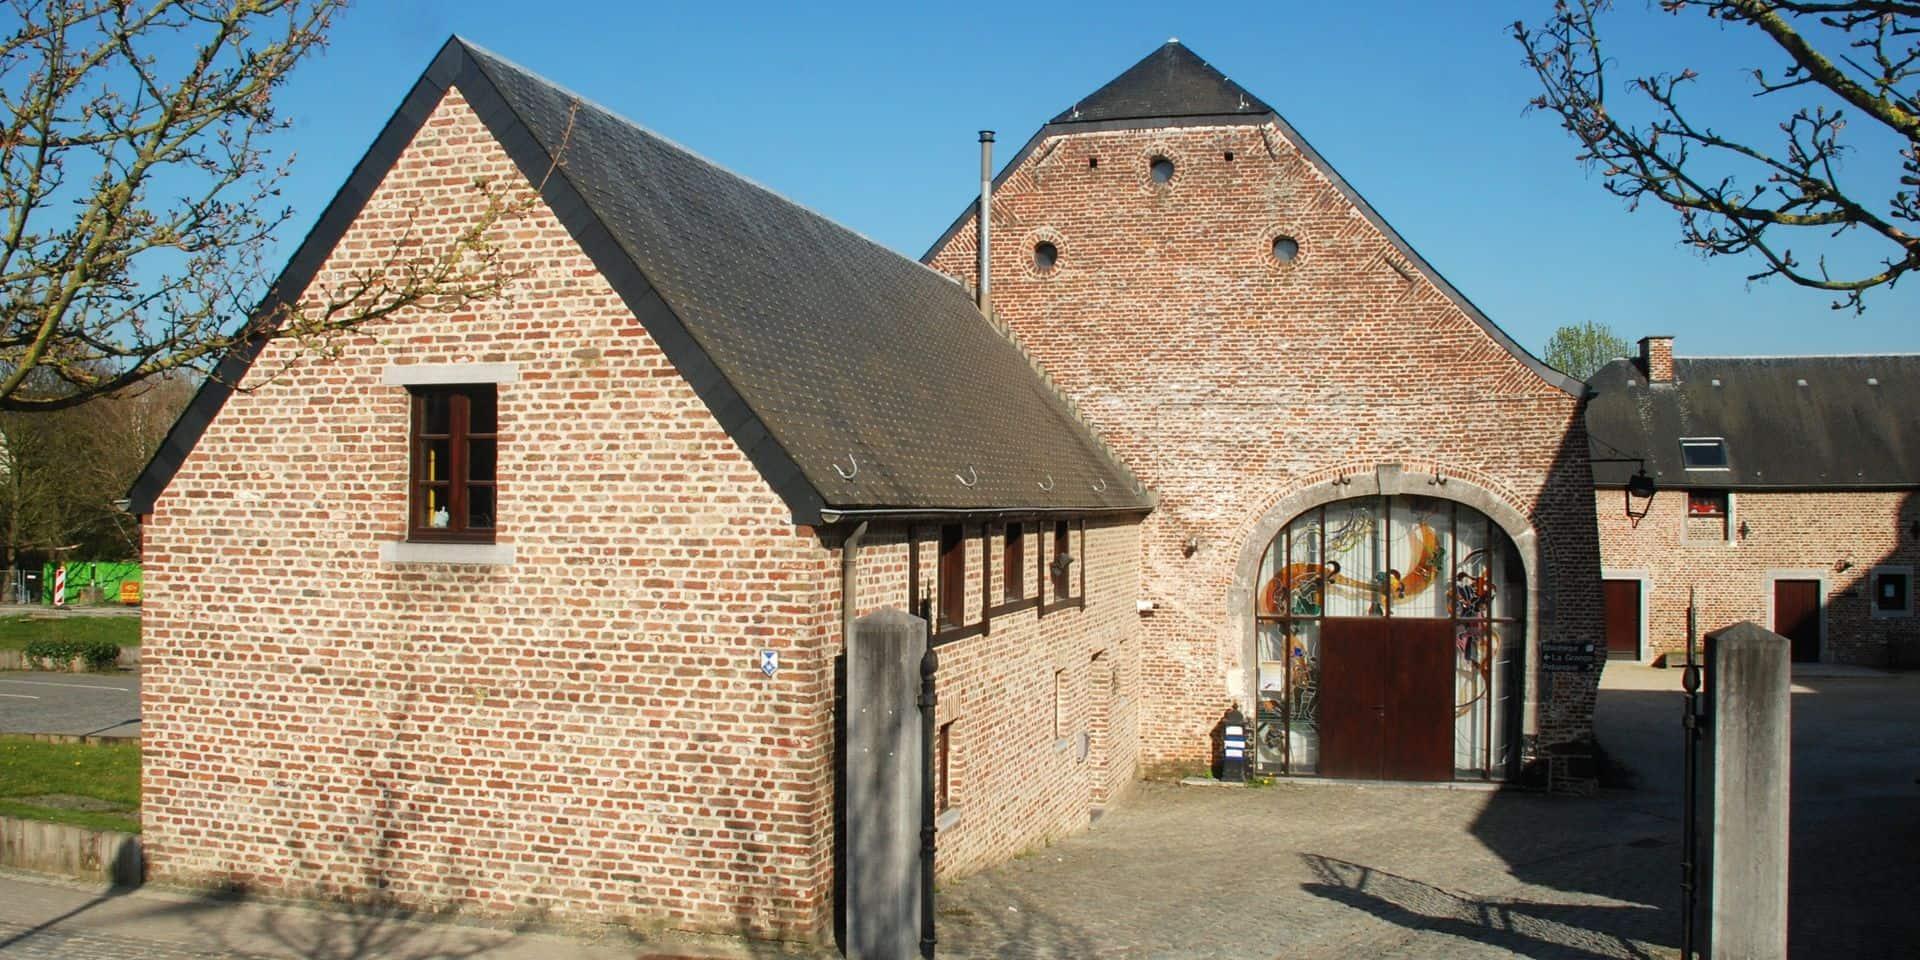 Huit bâtiments publics seront rénovés à Ottignies-Louvain-la-Neuve pour diminuer leur empreinte carbone